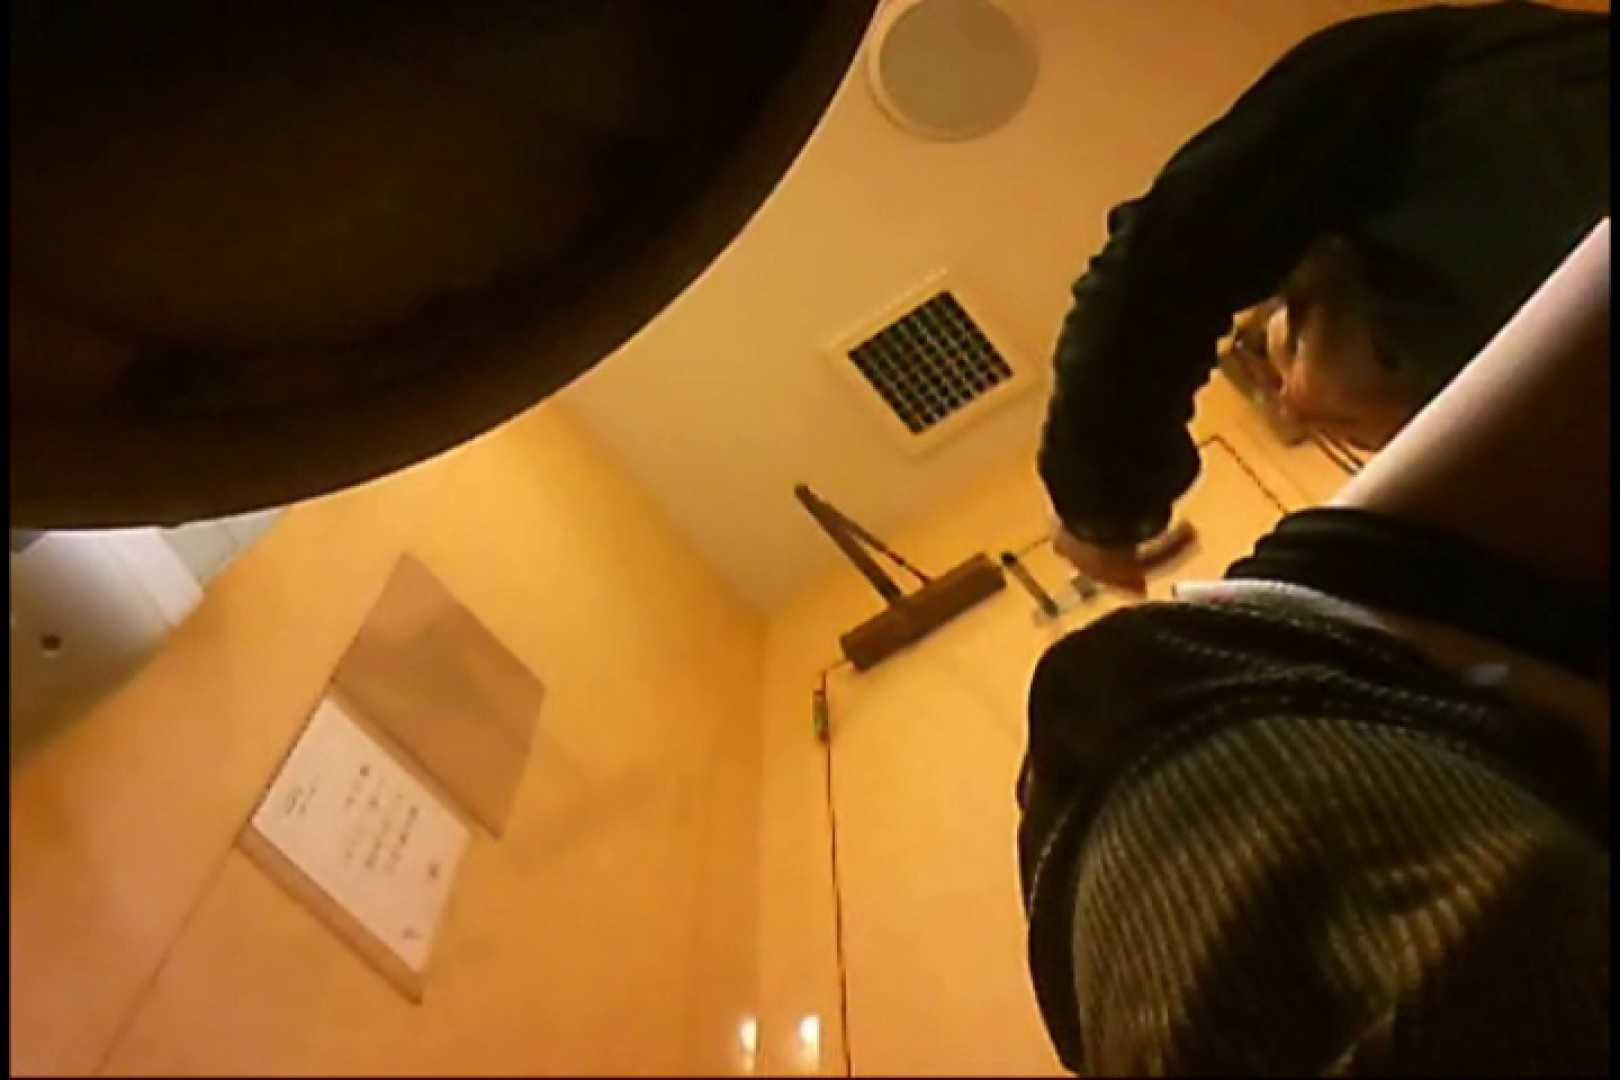 マダムが集まるデパートお手洗い Vol.20 お手洗い すけべAV動画紹介 105pic 67